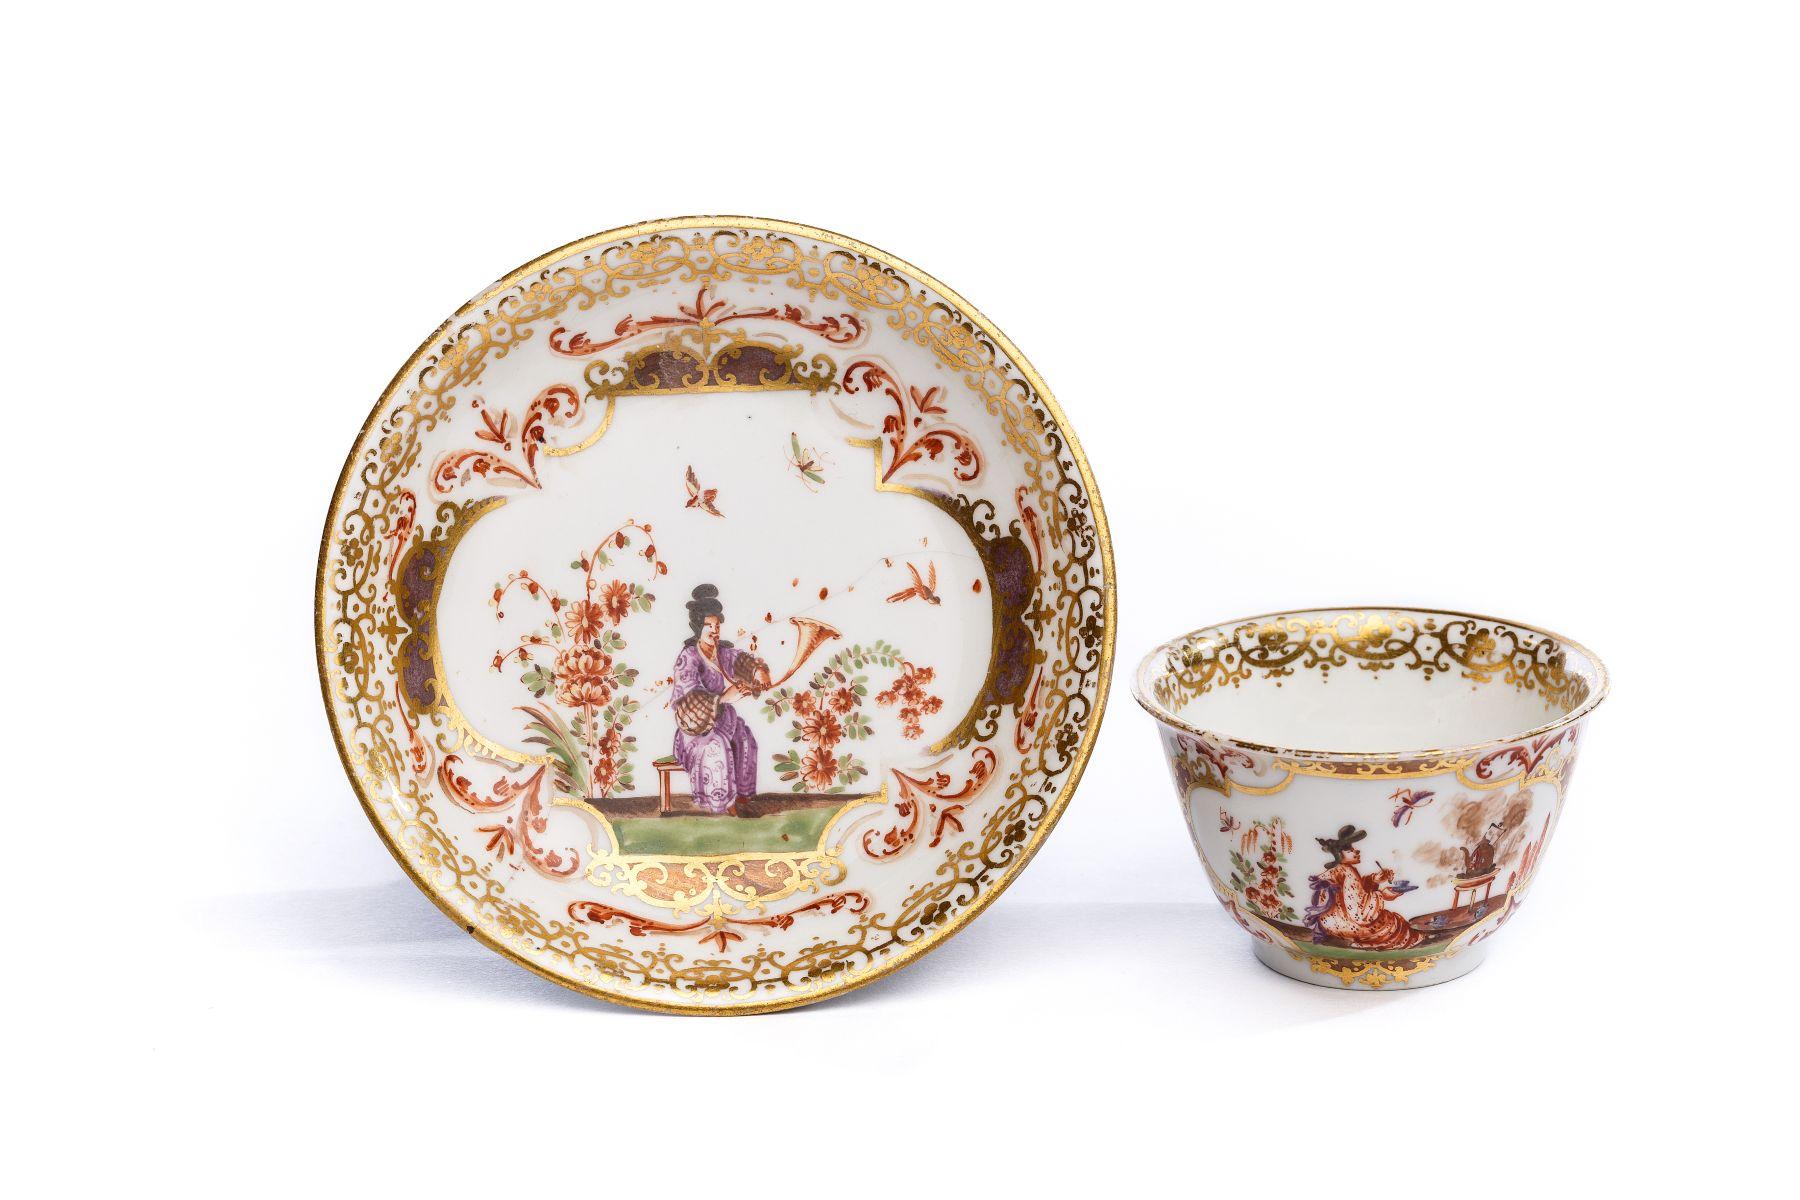 #22 Bowl with Saucer, Meissen 1725 | Koppchen mit Unterschale, Meissen 1725 Image